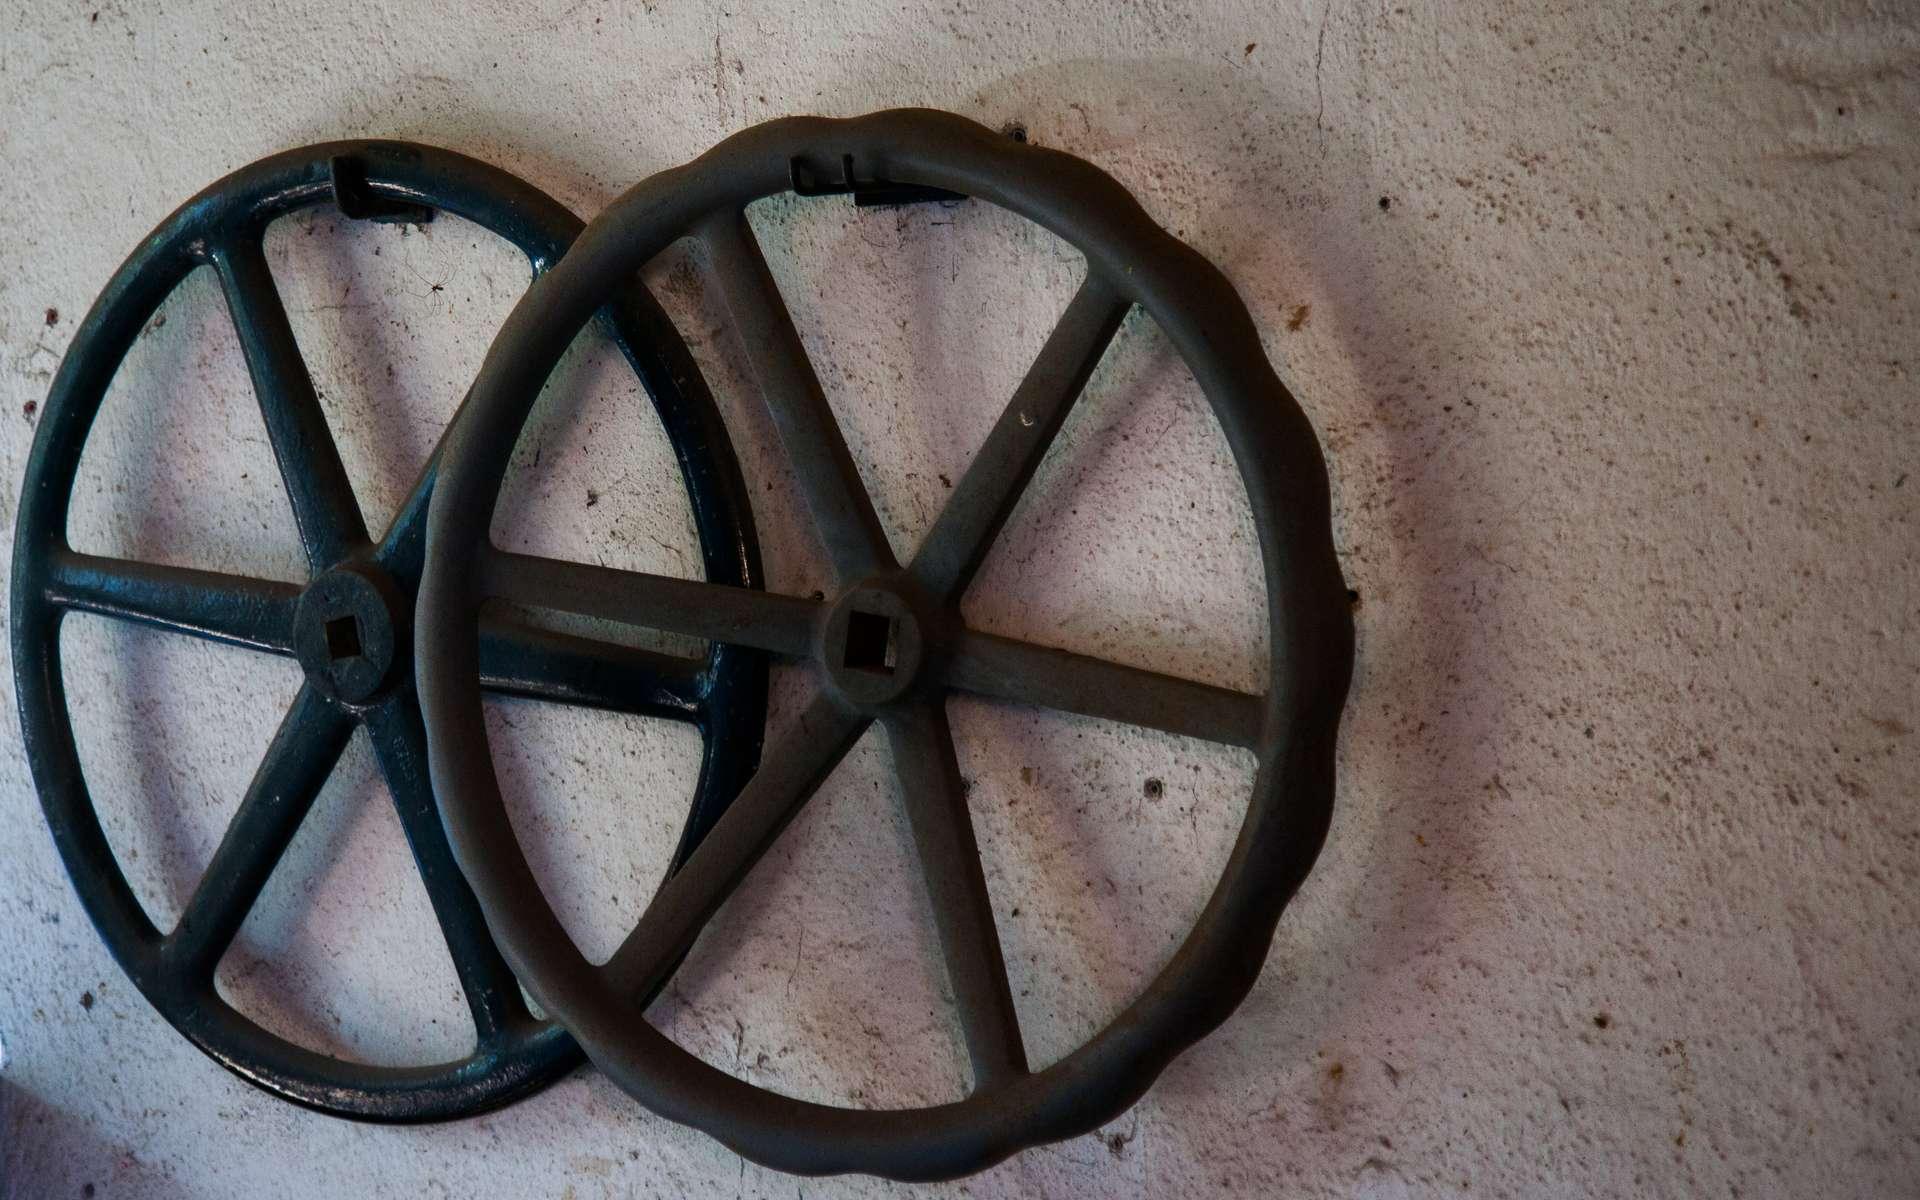 L'invention de la roue, qu'elle ait eu lieu en Mésopotamie ou sur le pourtour des Alpes, a révolutionné le monde. © Brigitte Djajasasmita, Flickr, CC by-nc-nd 2.0